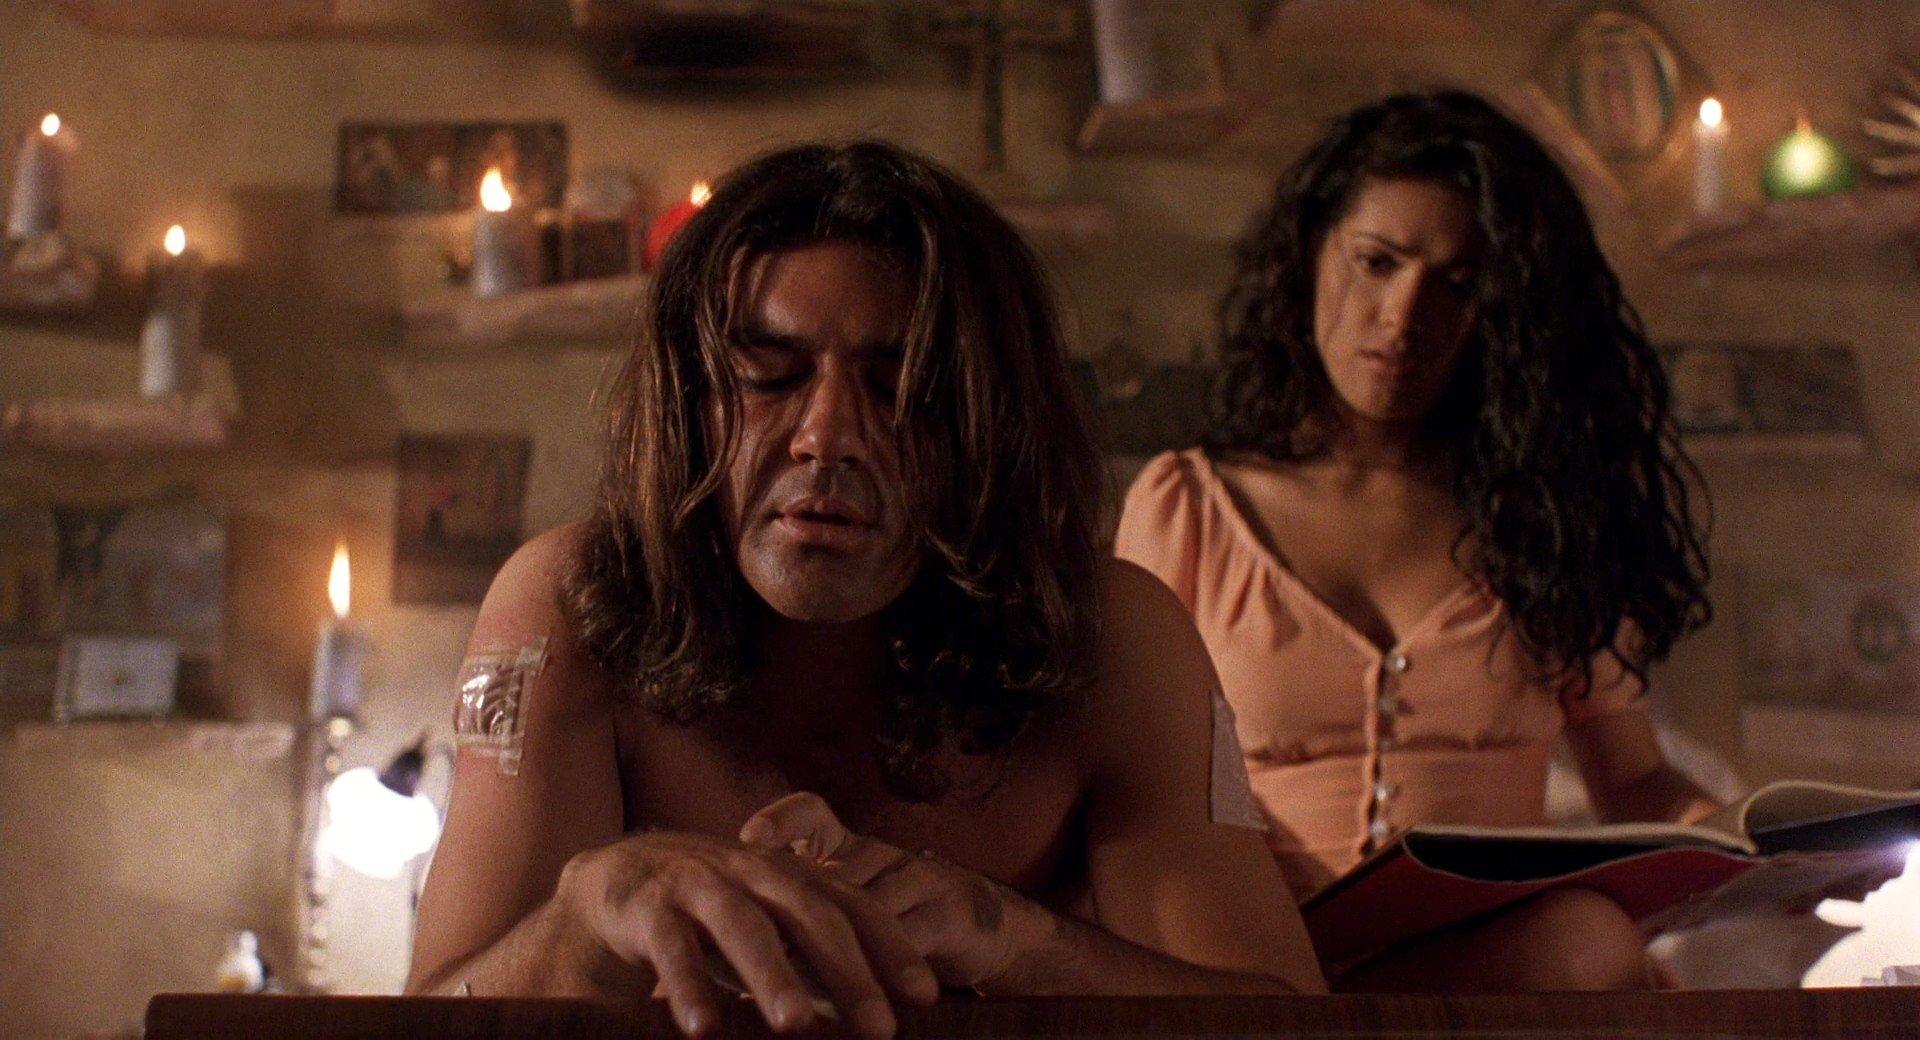 Настя пастэлны сцены из фильма мексика горячие